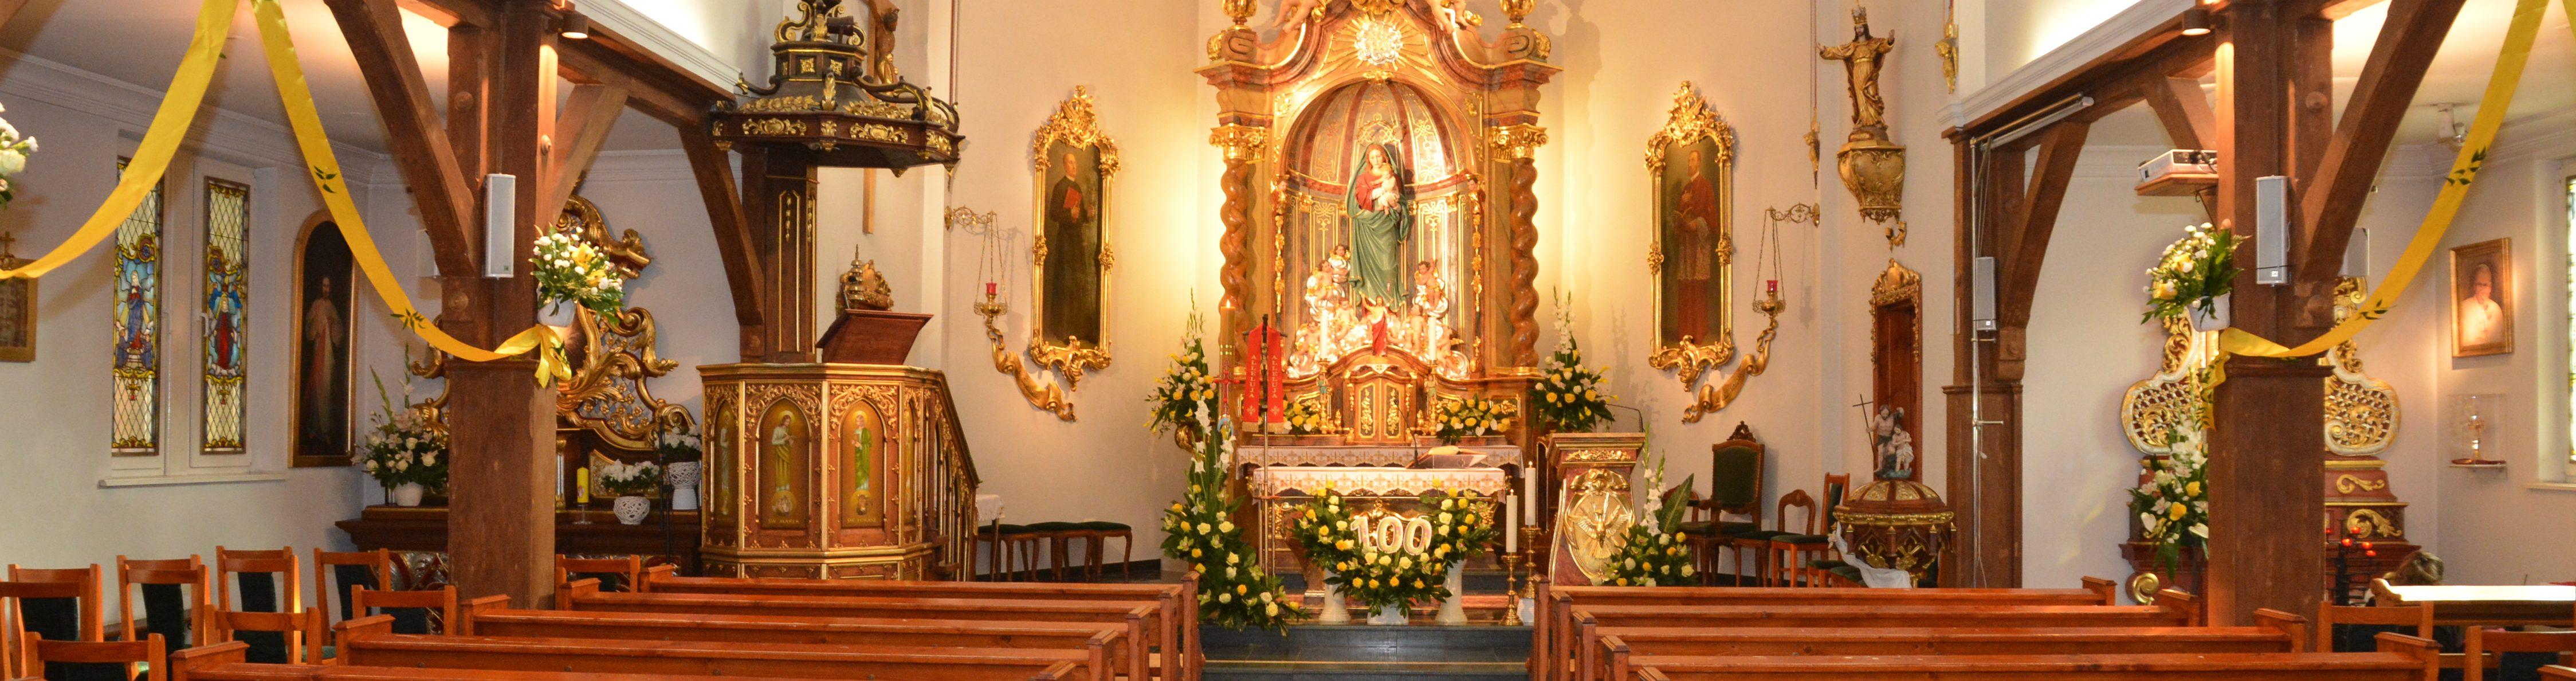 Parafia p.w. Najświętszej Maryi Panny Matki Pocieszenia we Wrocławiu